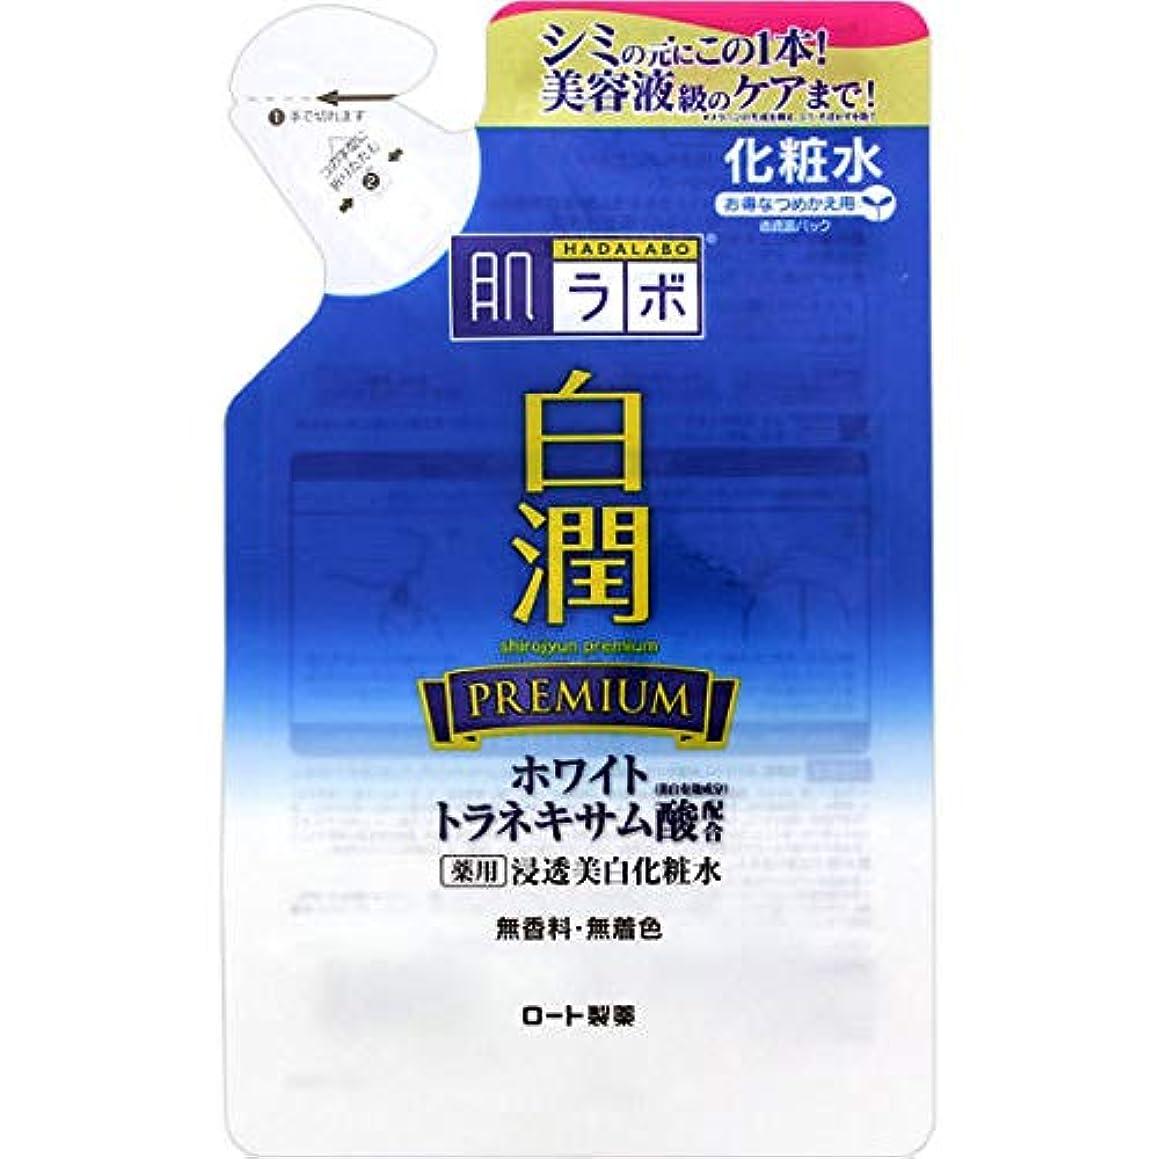 補体実験室不実(ロート製薬)肌研 白潤 プレミアム薬用浸透美白化粧水 つめかえ用 170ml(医薬部外品)(お買い得3個セット)